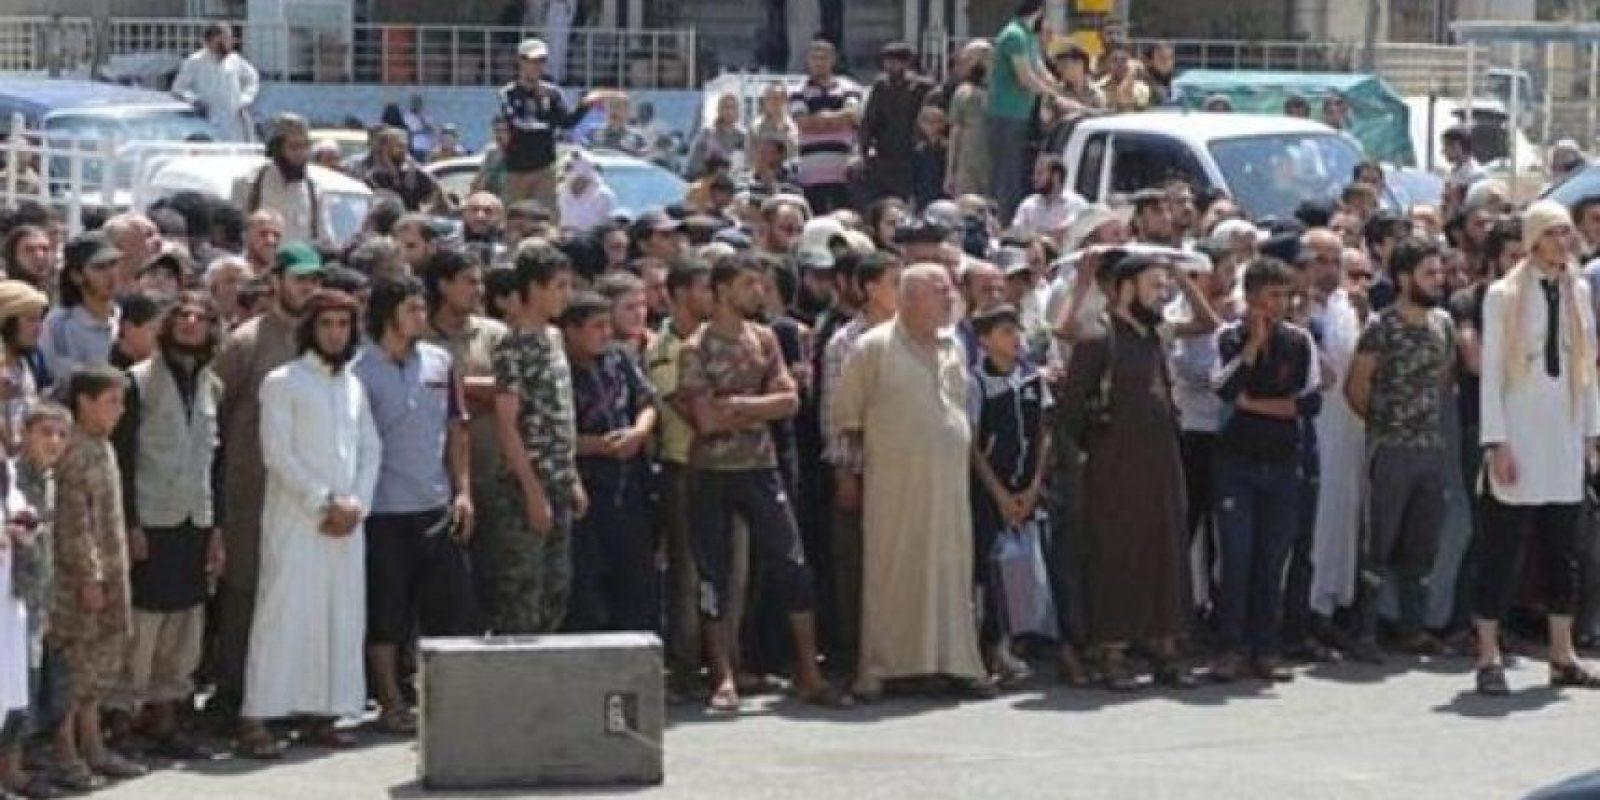 La ejecución fue vista por miles de personas, incluyendo niños Foto:Twitter – Archivo